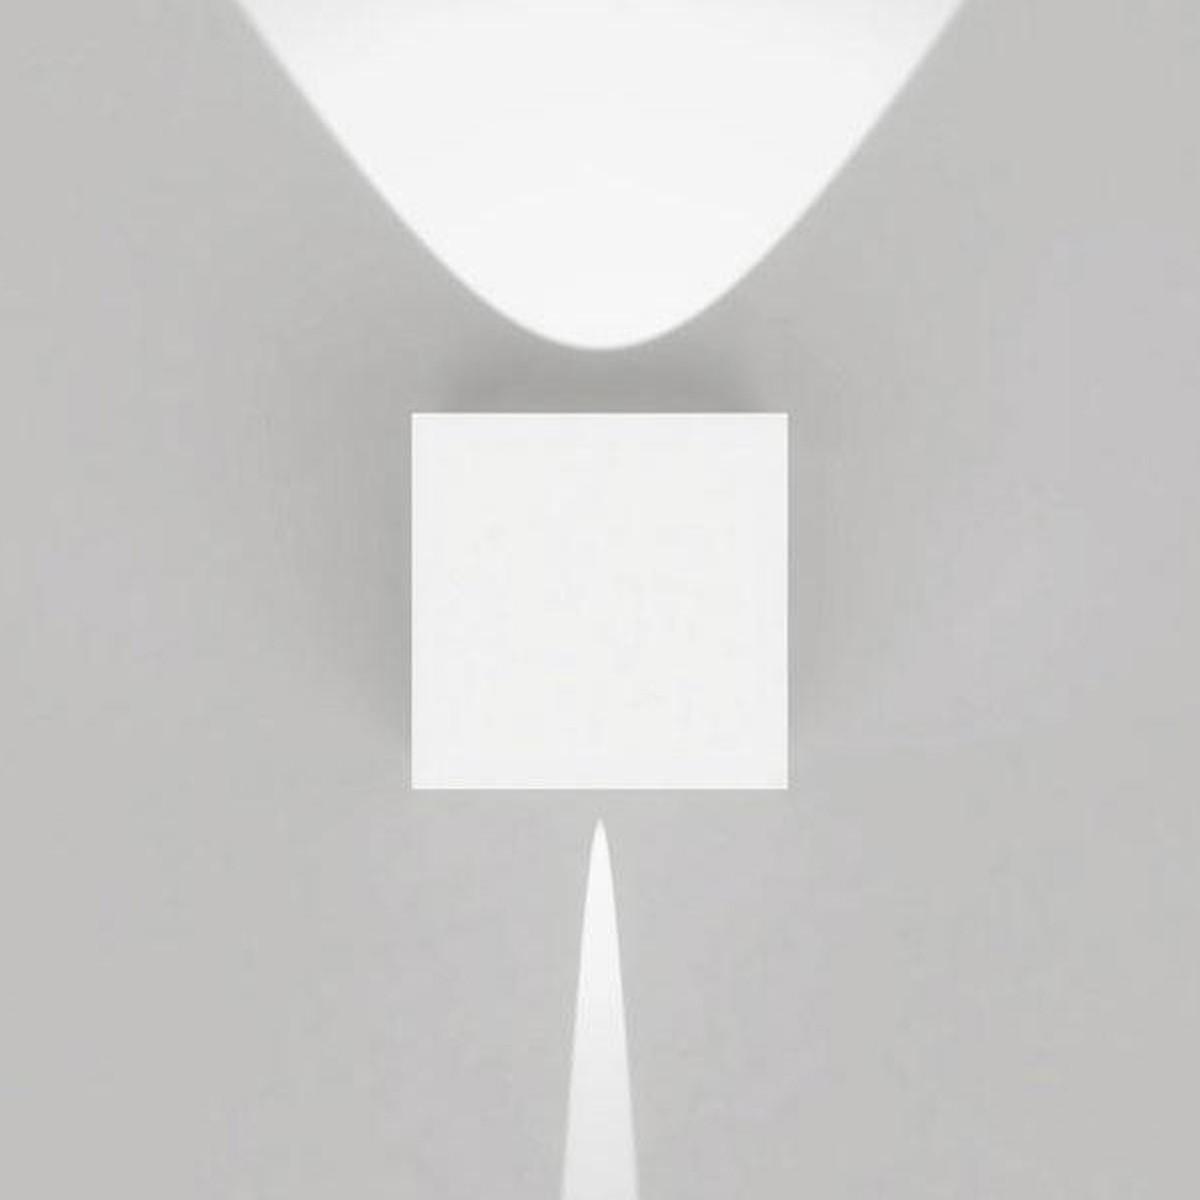 Artemide Outdoor Effetto 14S LED NL Wandleuchte, 1 x 5° und 1 x 50°, 3000 K, hellgrau